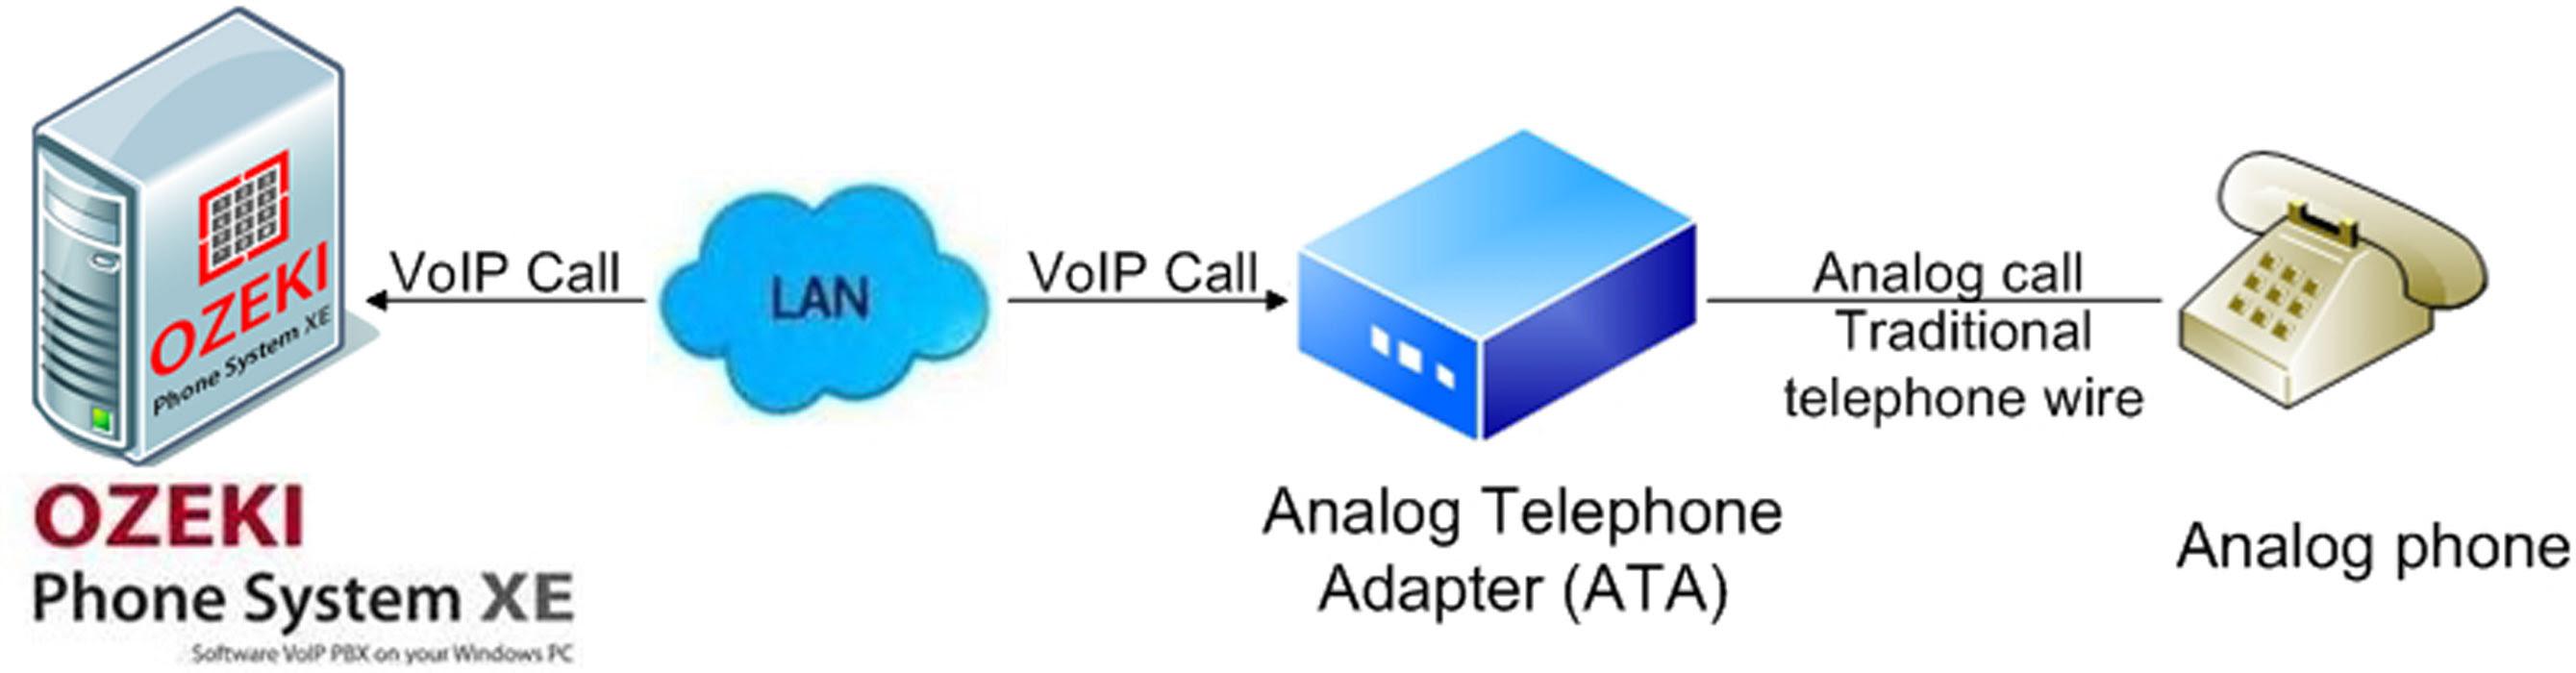 Koneksi Analog Phone ke IPPBX Ozeki Phone